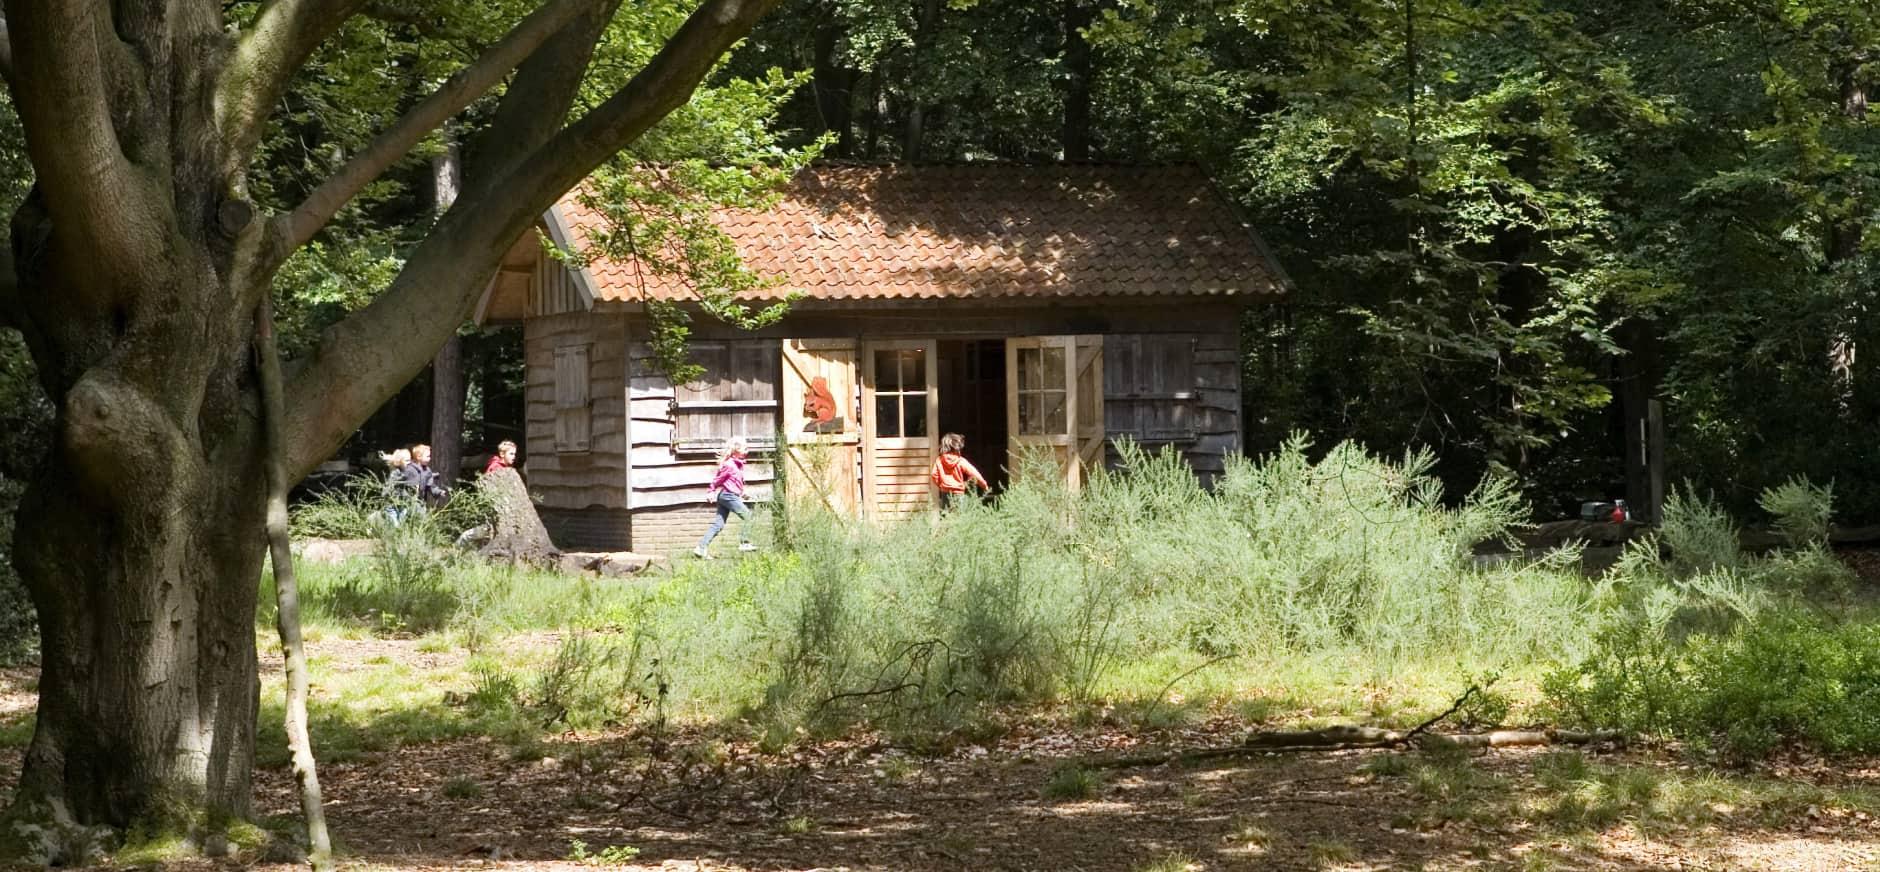 Grintenbosch